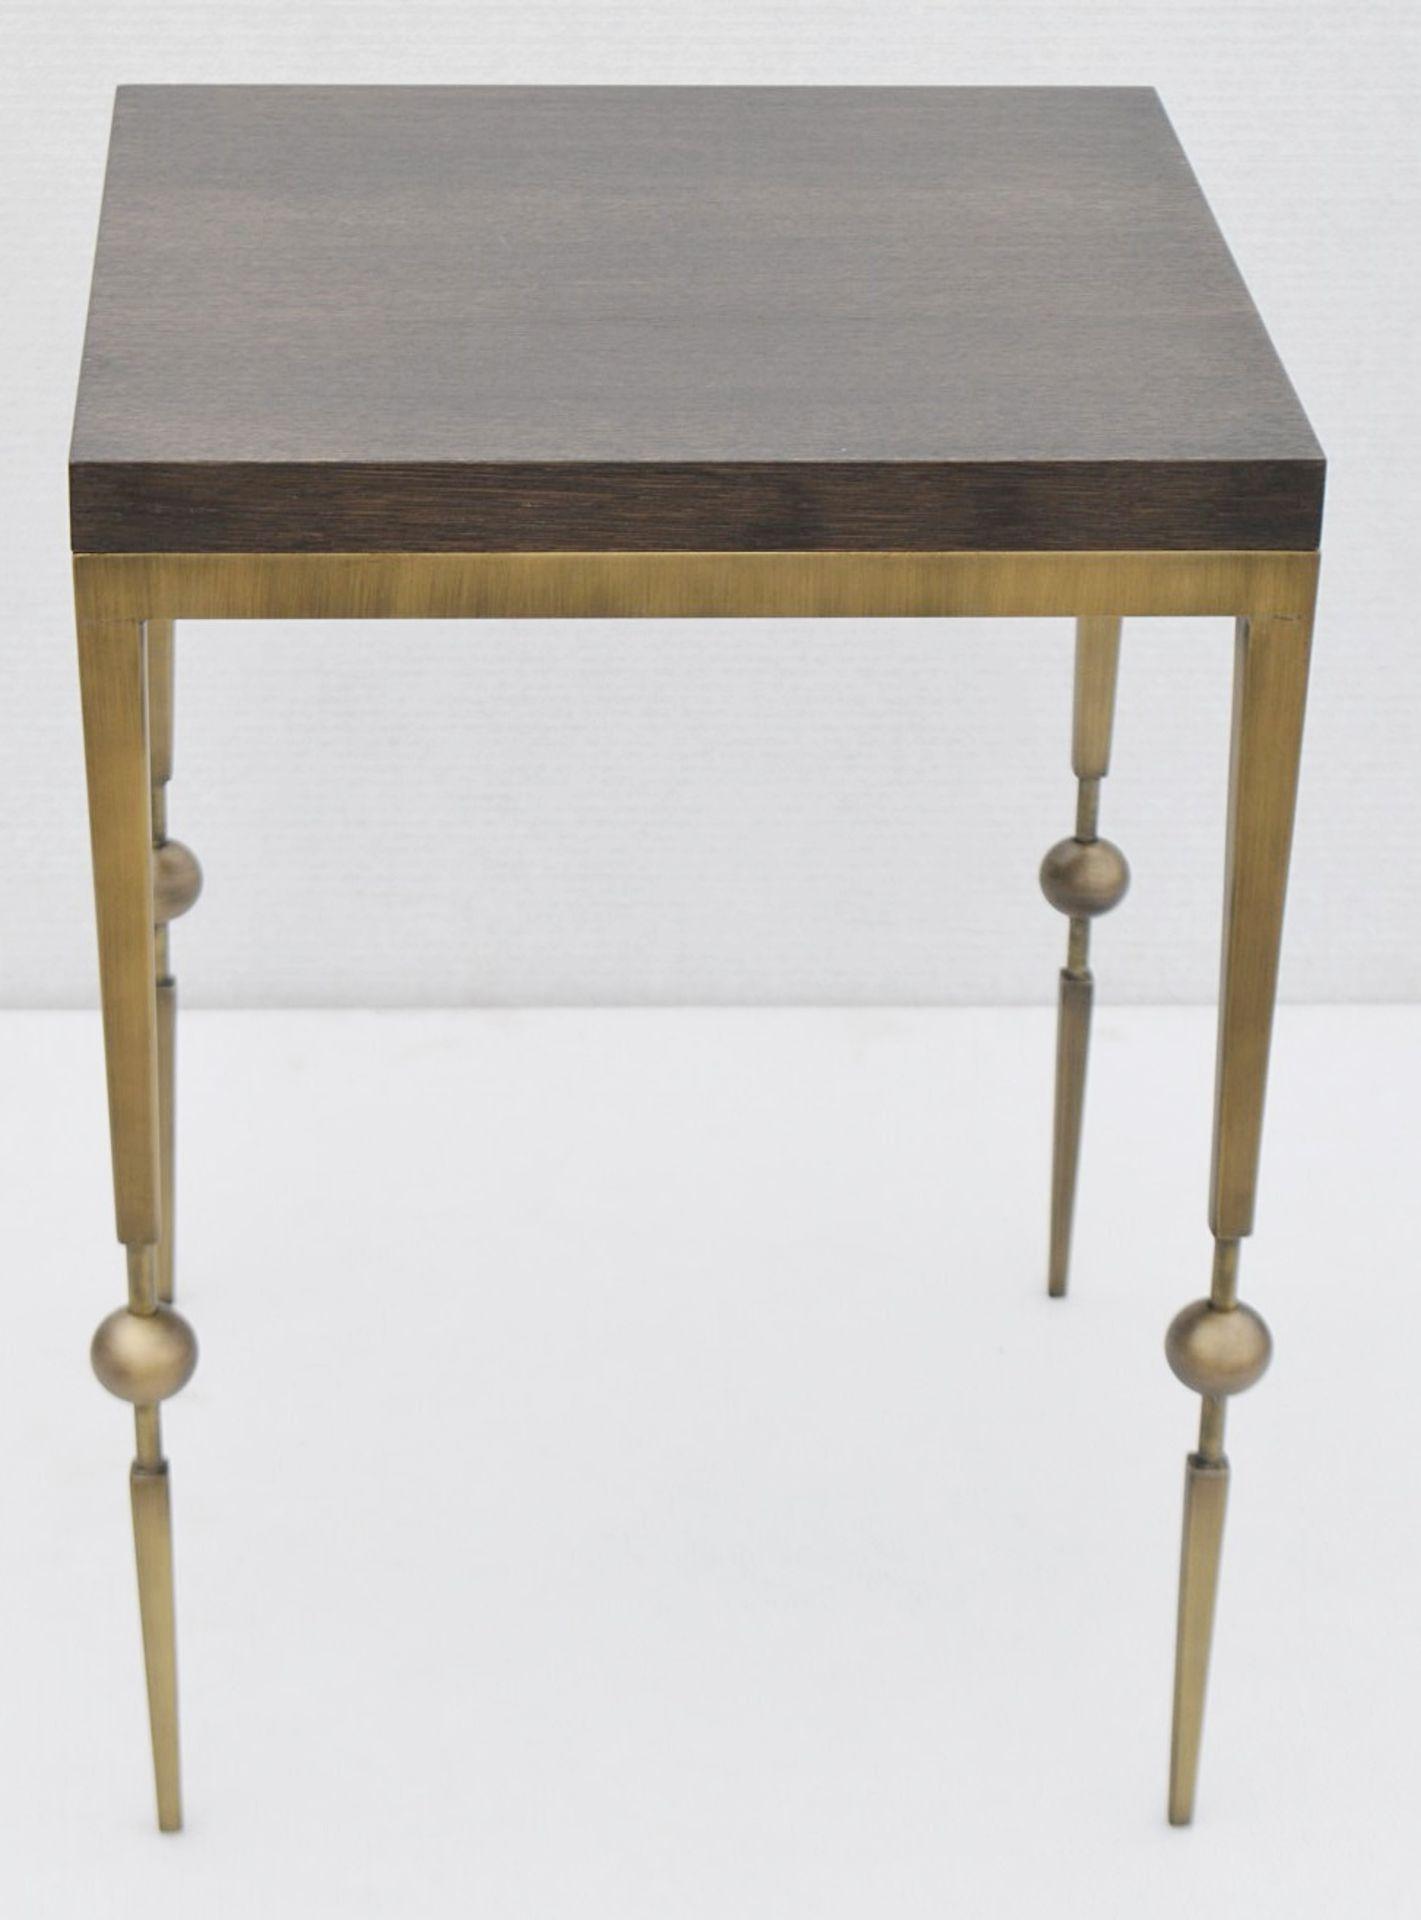 1 x JUSTIN VAN BREDA 'Sphere' Designer Occasional Table - Original RRP £1,200 - Image 4 of 6